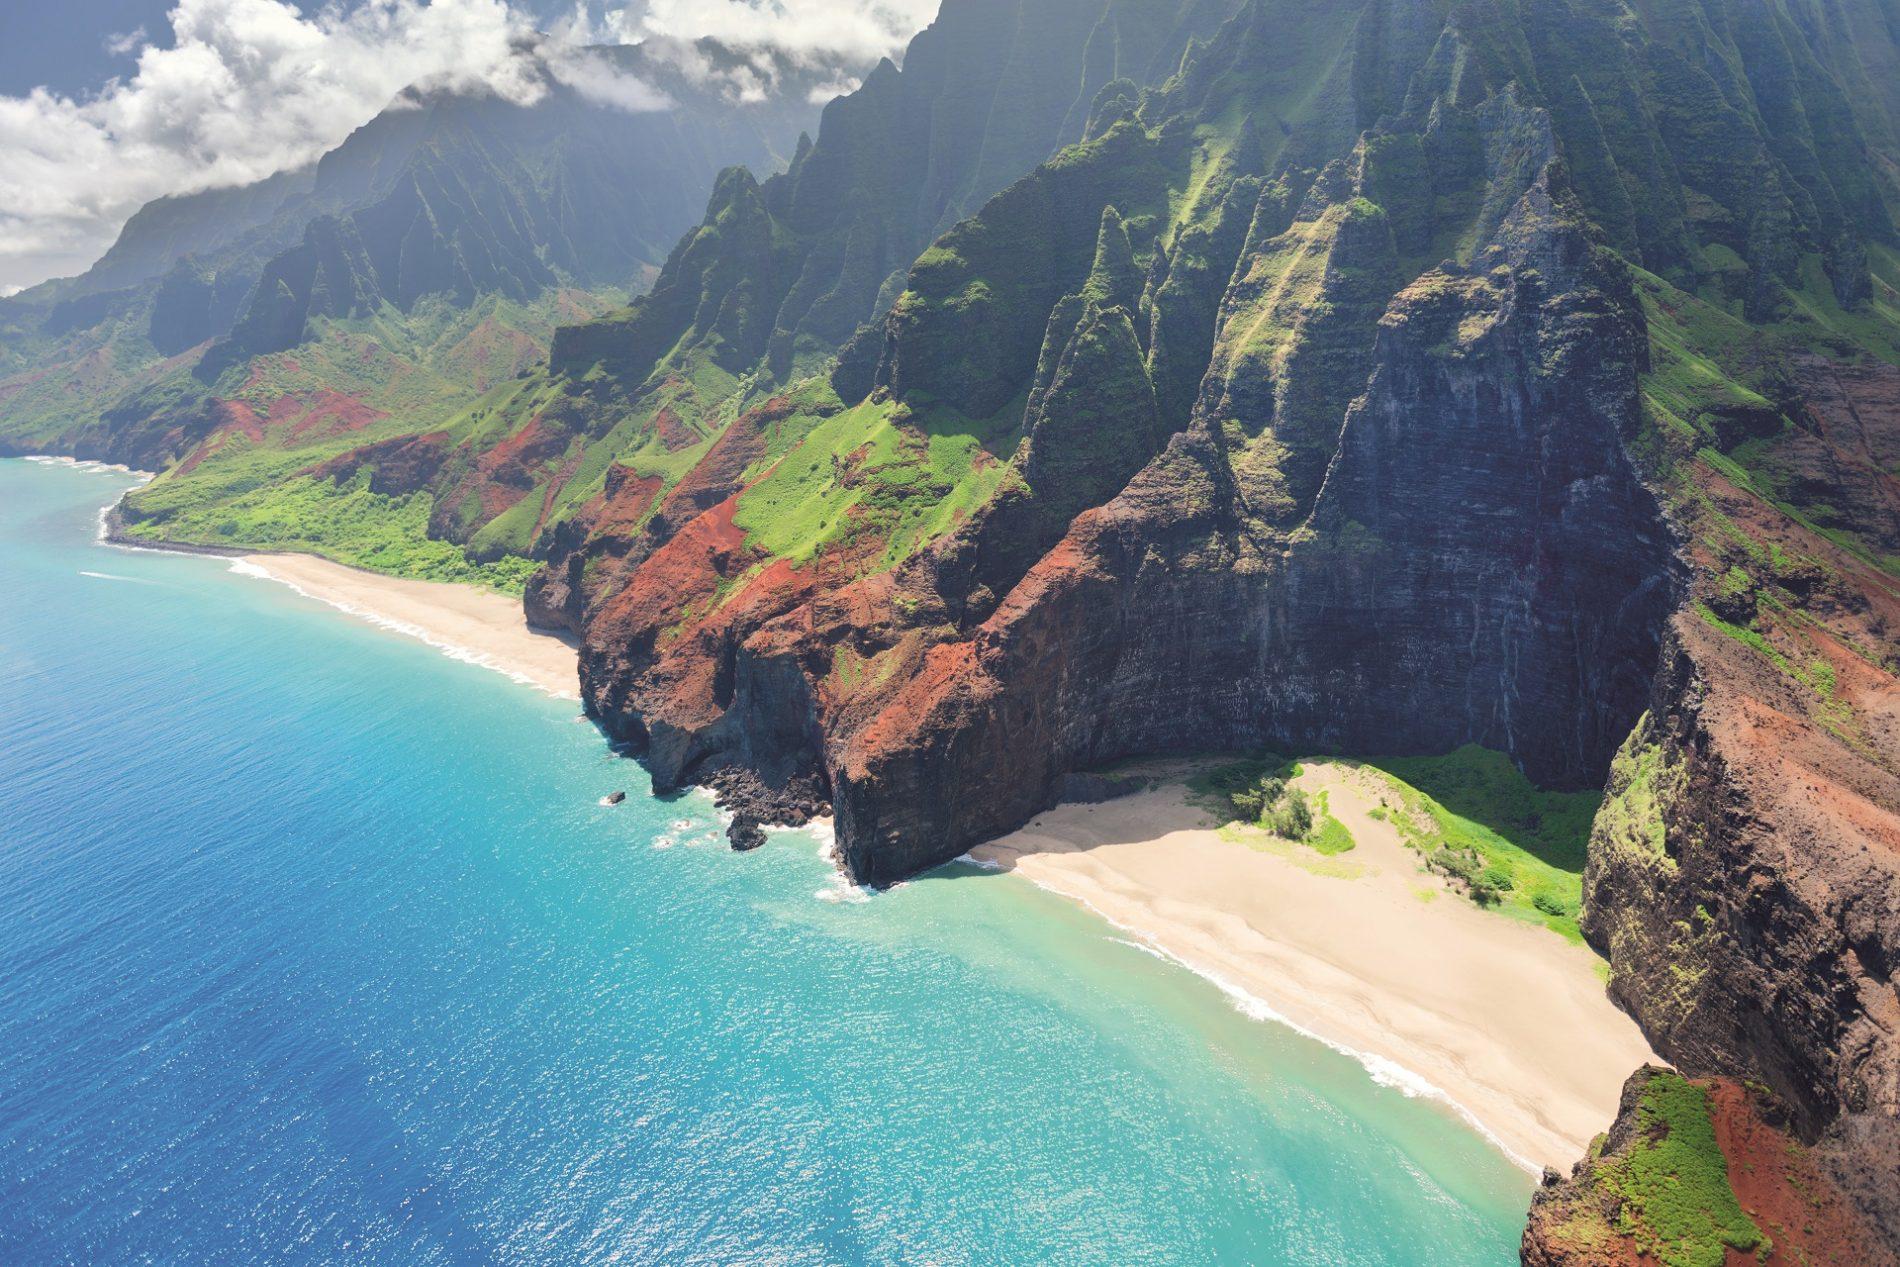 Na Pali kusten opKauai Hawaii med röda berg och klarblått vatten